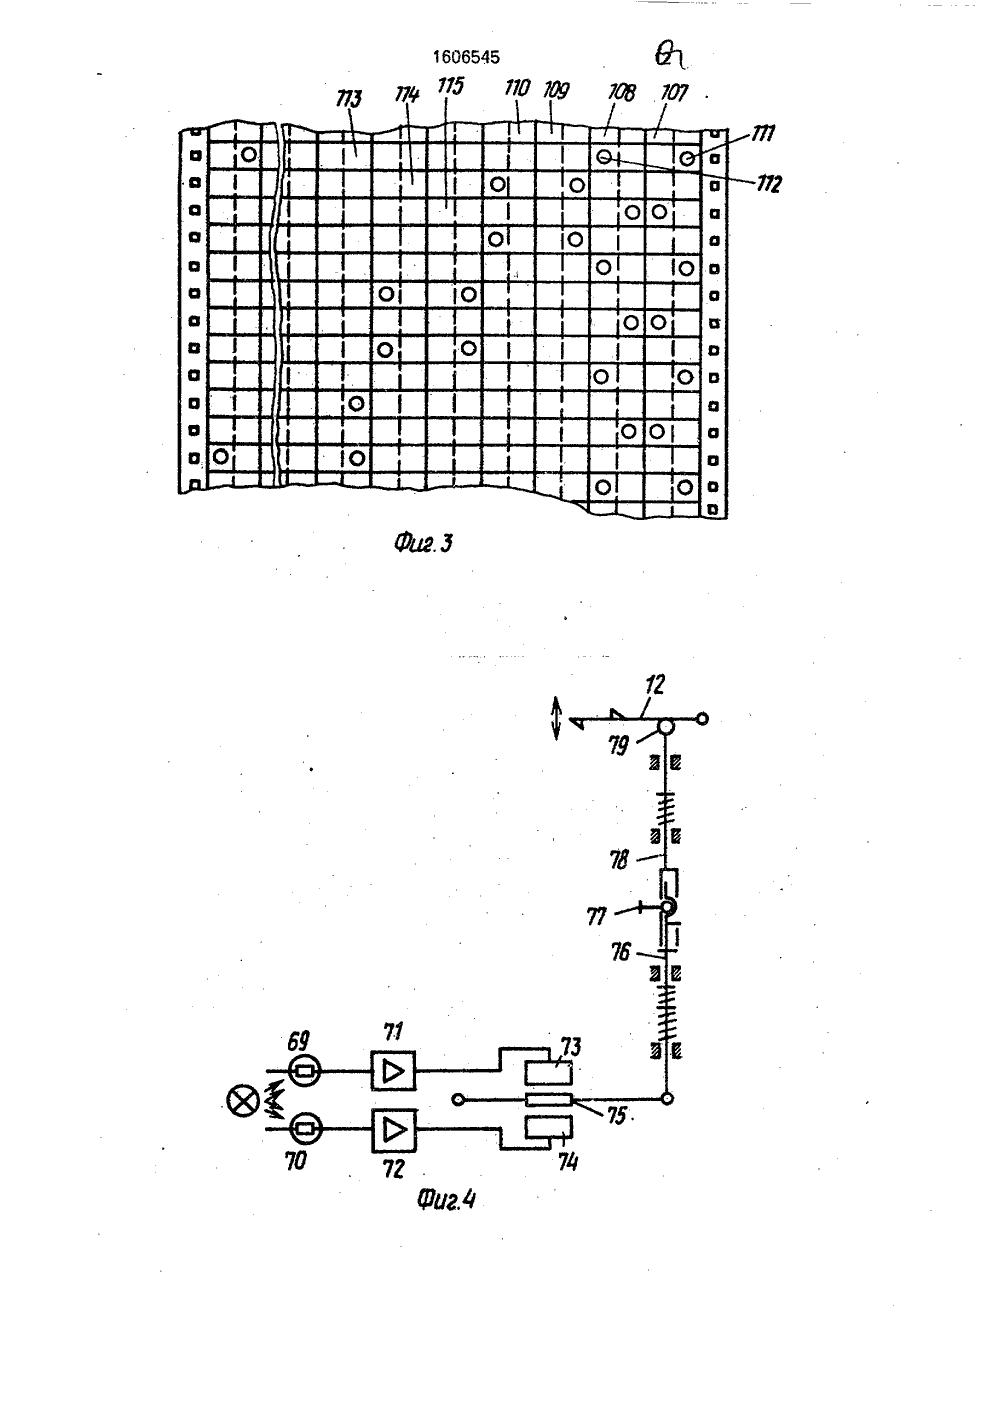 автоматический ткацкий станок схема